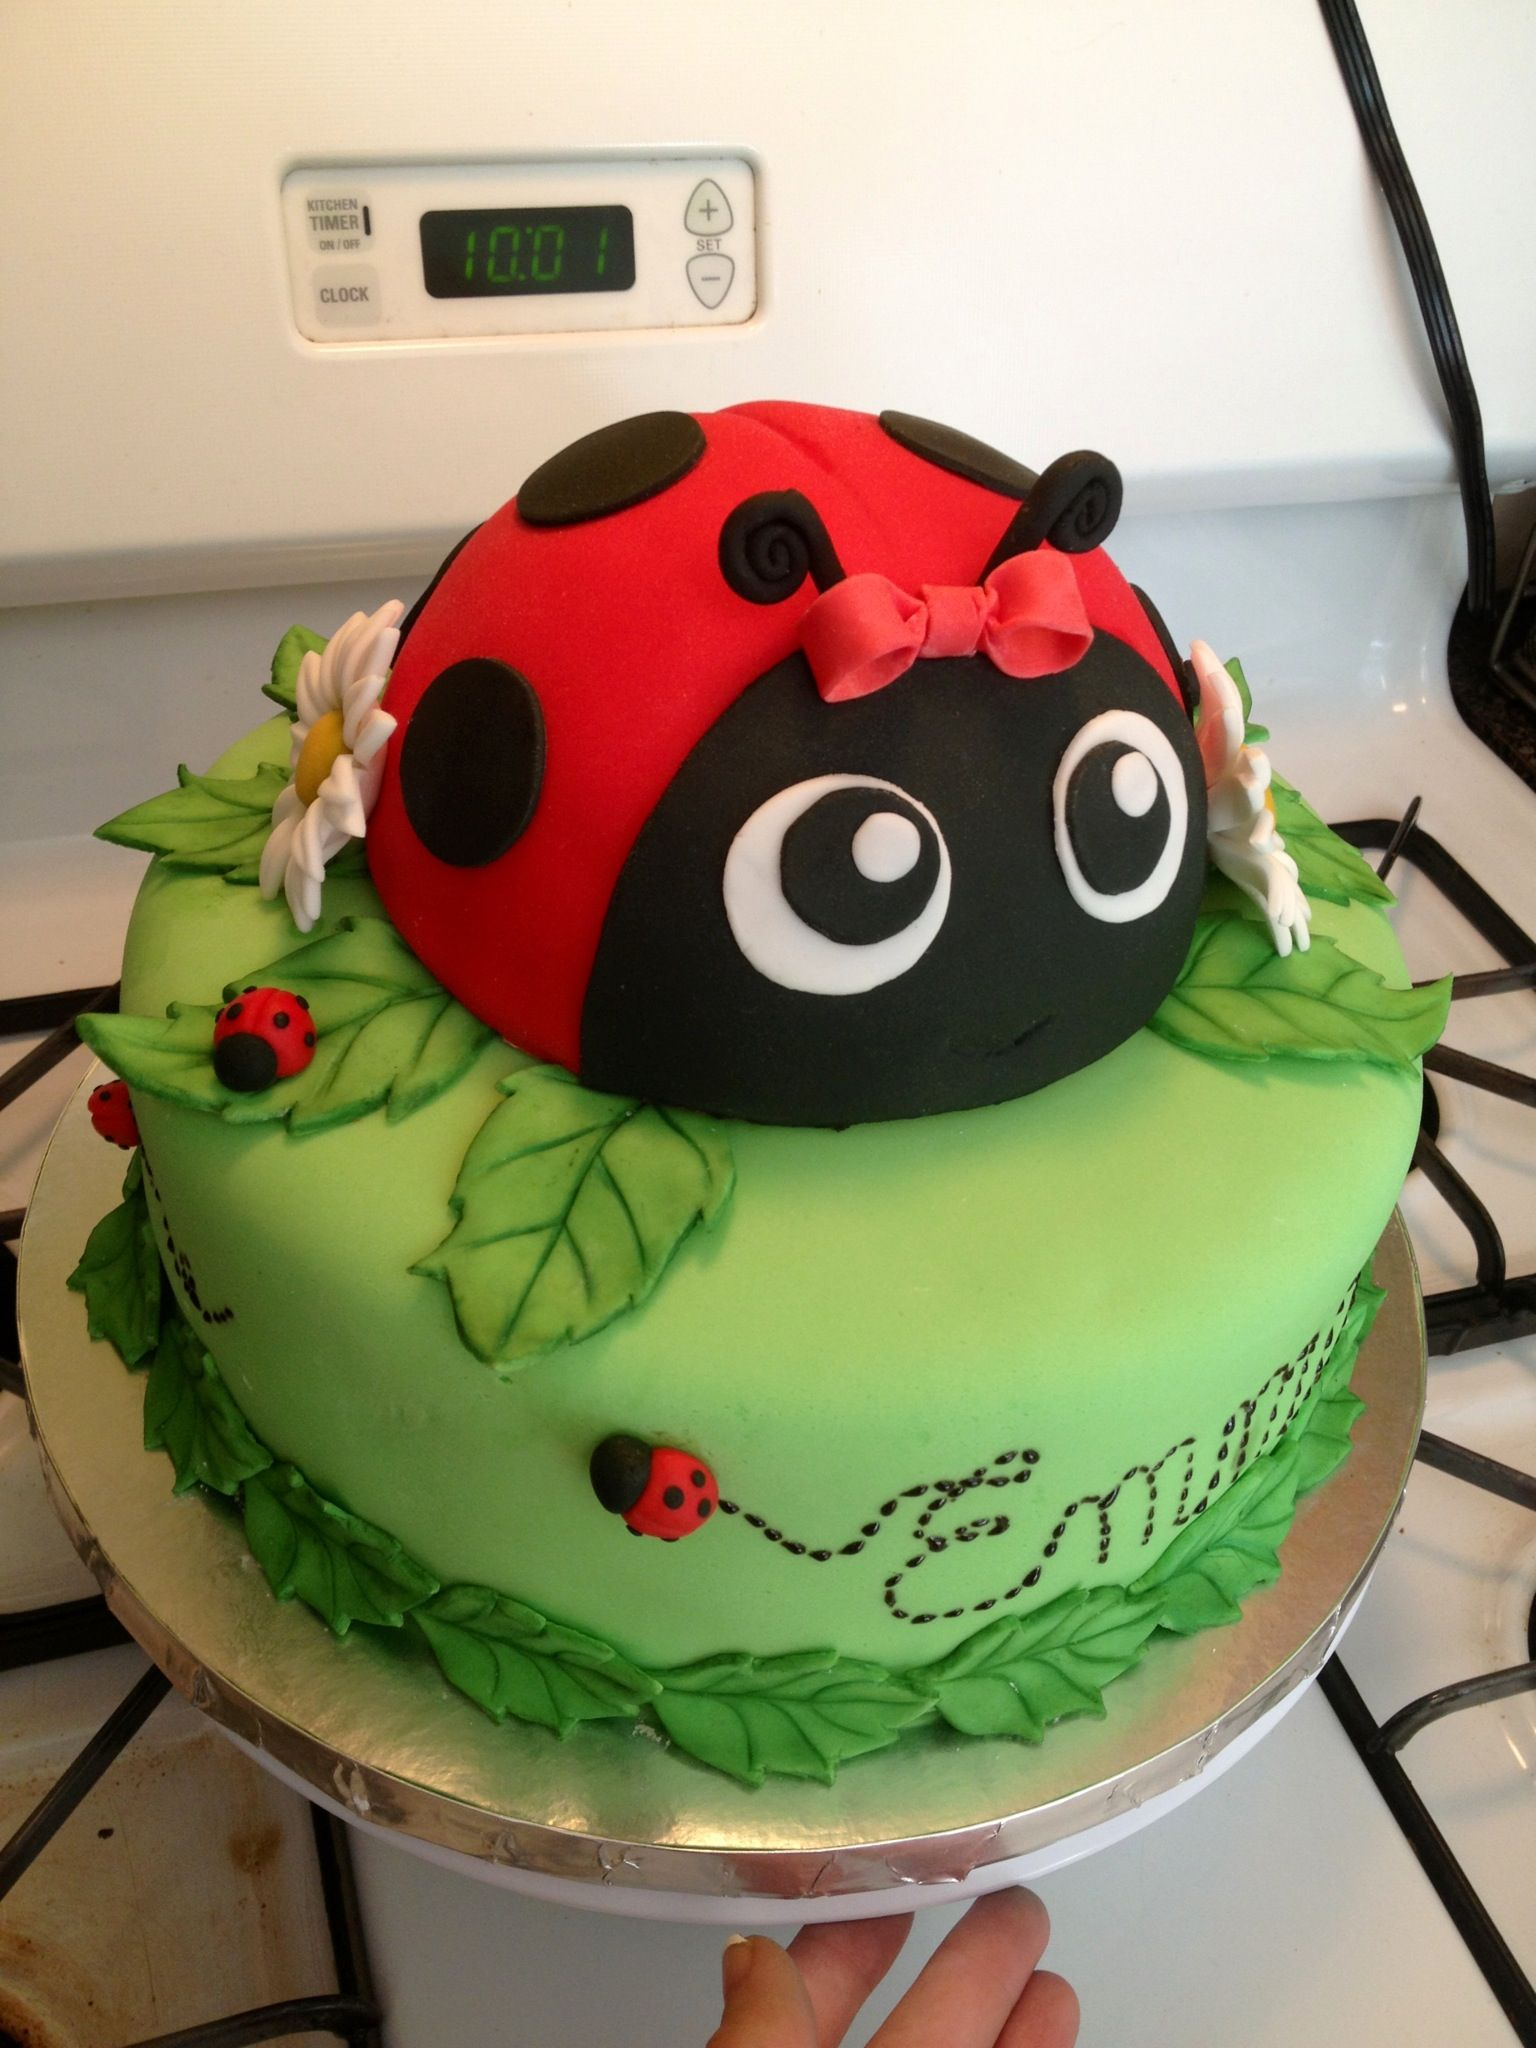 Ladybug Birthday Cake Www Facebook Com Cakesomethingsweet With